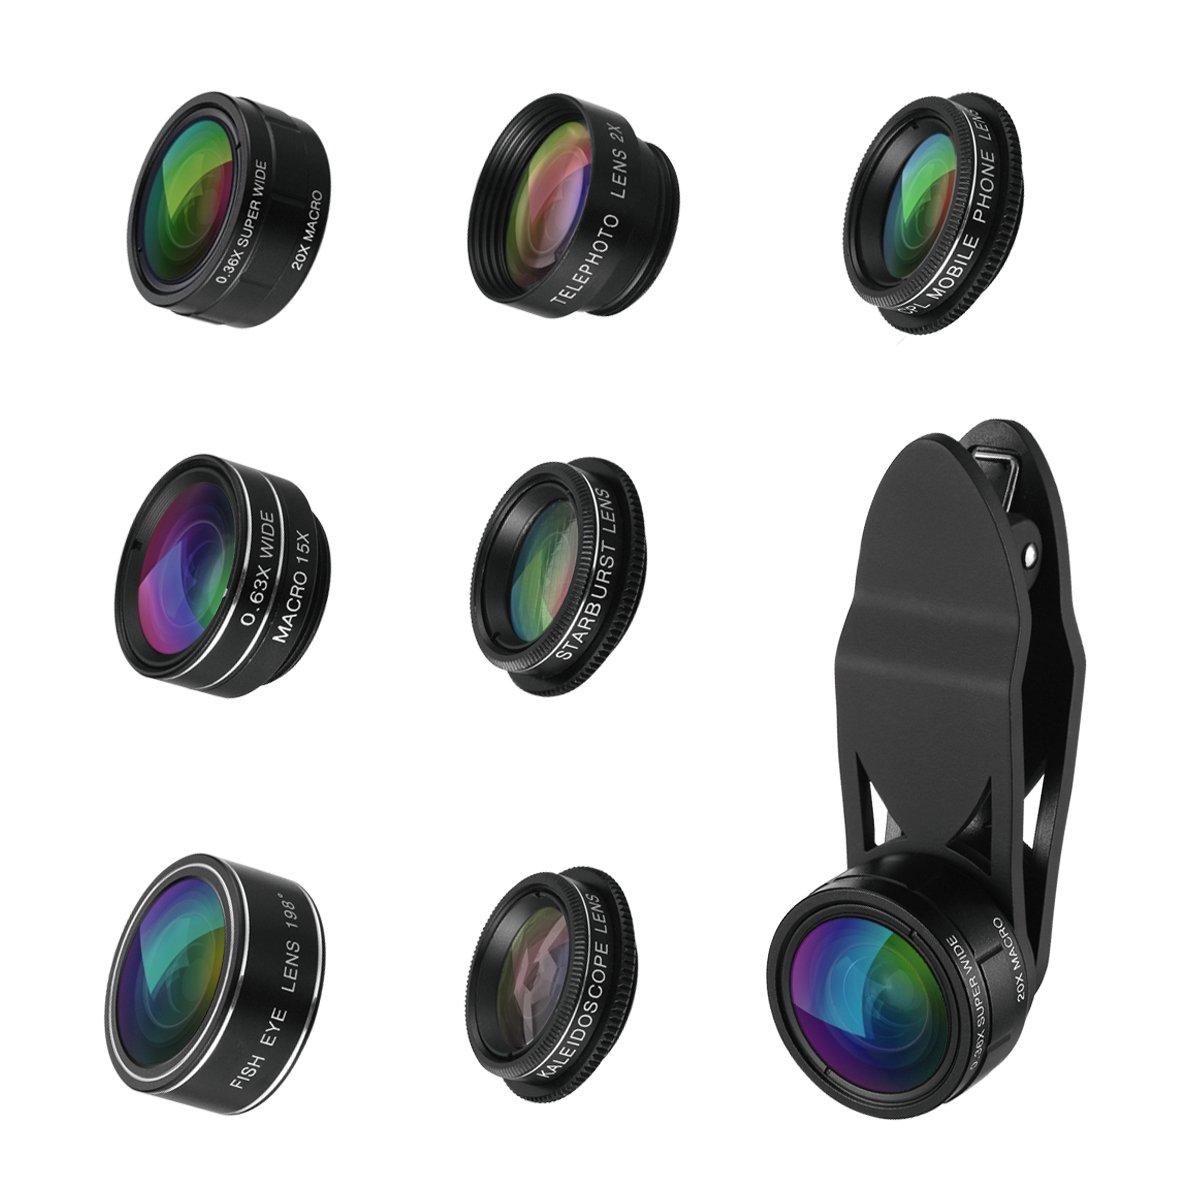 iPhone Camera Lens, ORIA 9 in 1 Phone Lens Kit, 0.36X Super Wide Lens + 20X Macro Lens, 0.63X Wide Lens + 15X Macro Lens, 2X Telephoto Lens, 198°Fisheye Lens + CPL + Kaleidoscope Lens + Starburst Lens